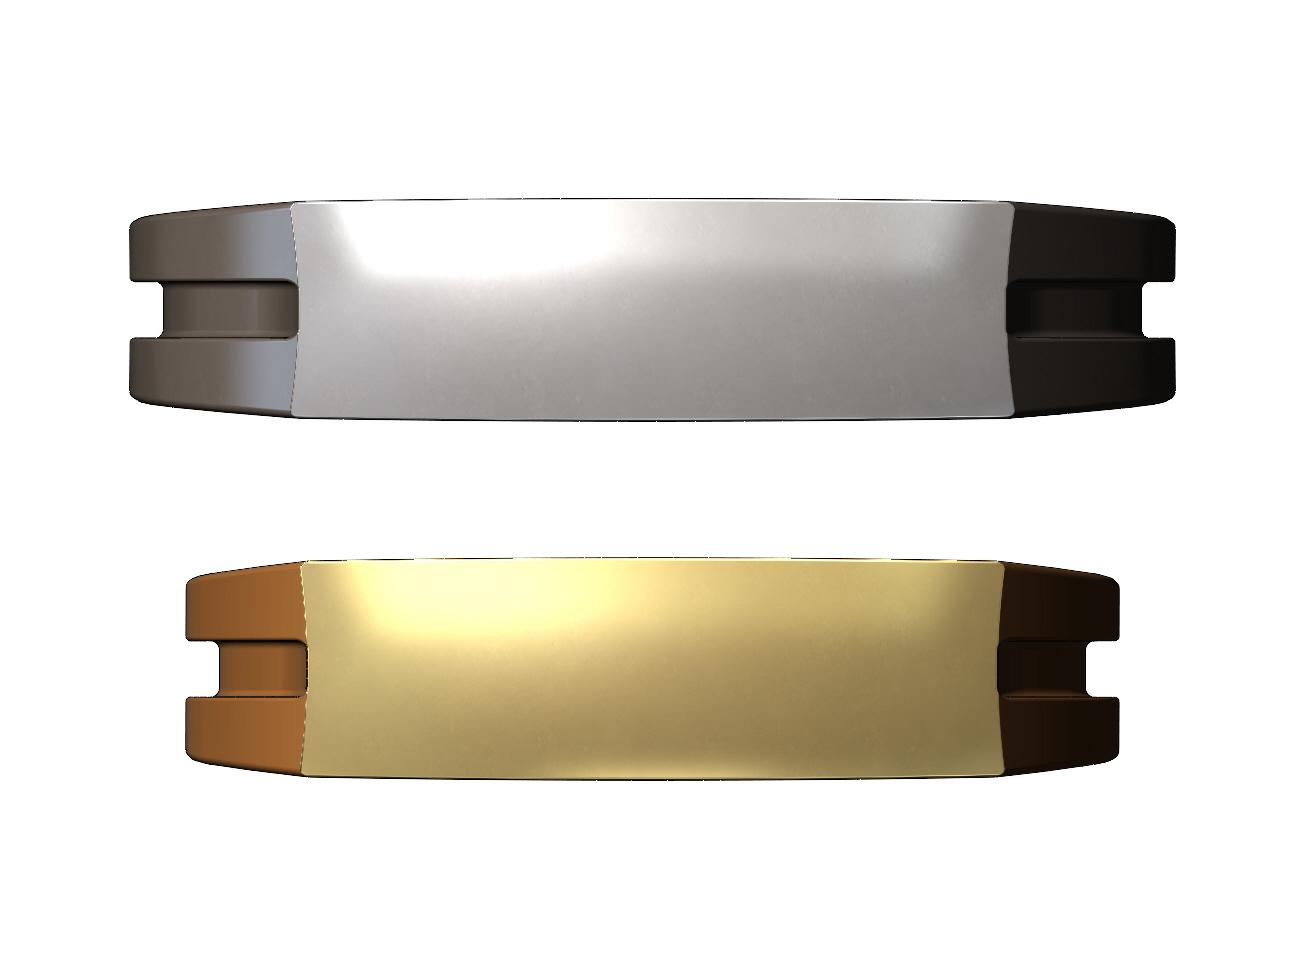 dome-signet-ring-02.JPG Télécharger fichier 3MF Modèle d'impression 3D de la bague de signature du dôme • Modèle imprimable en 3D, RachidSW